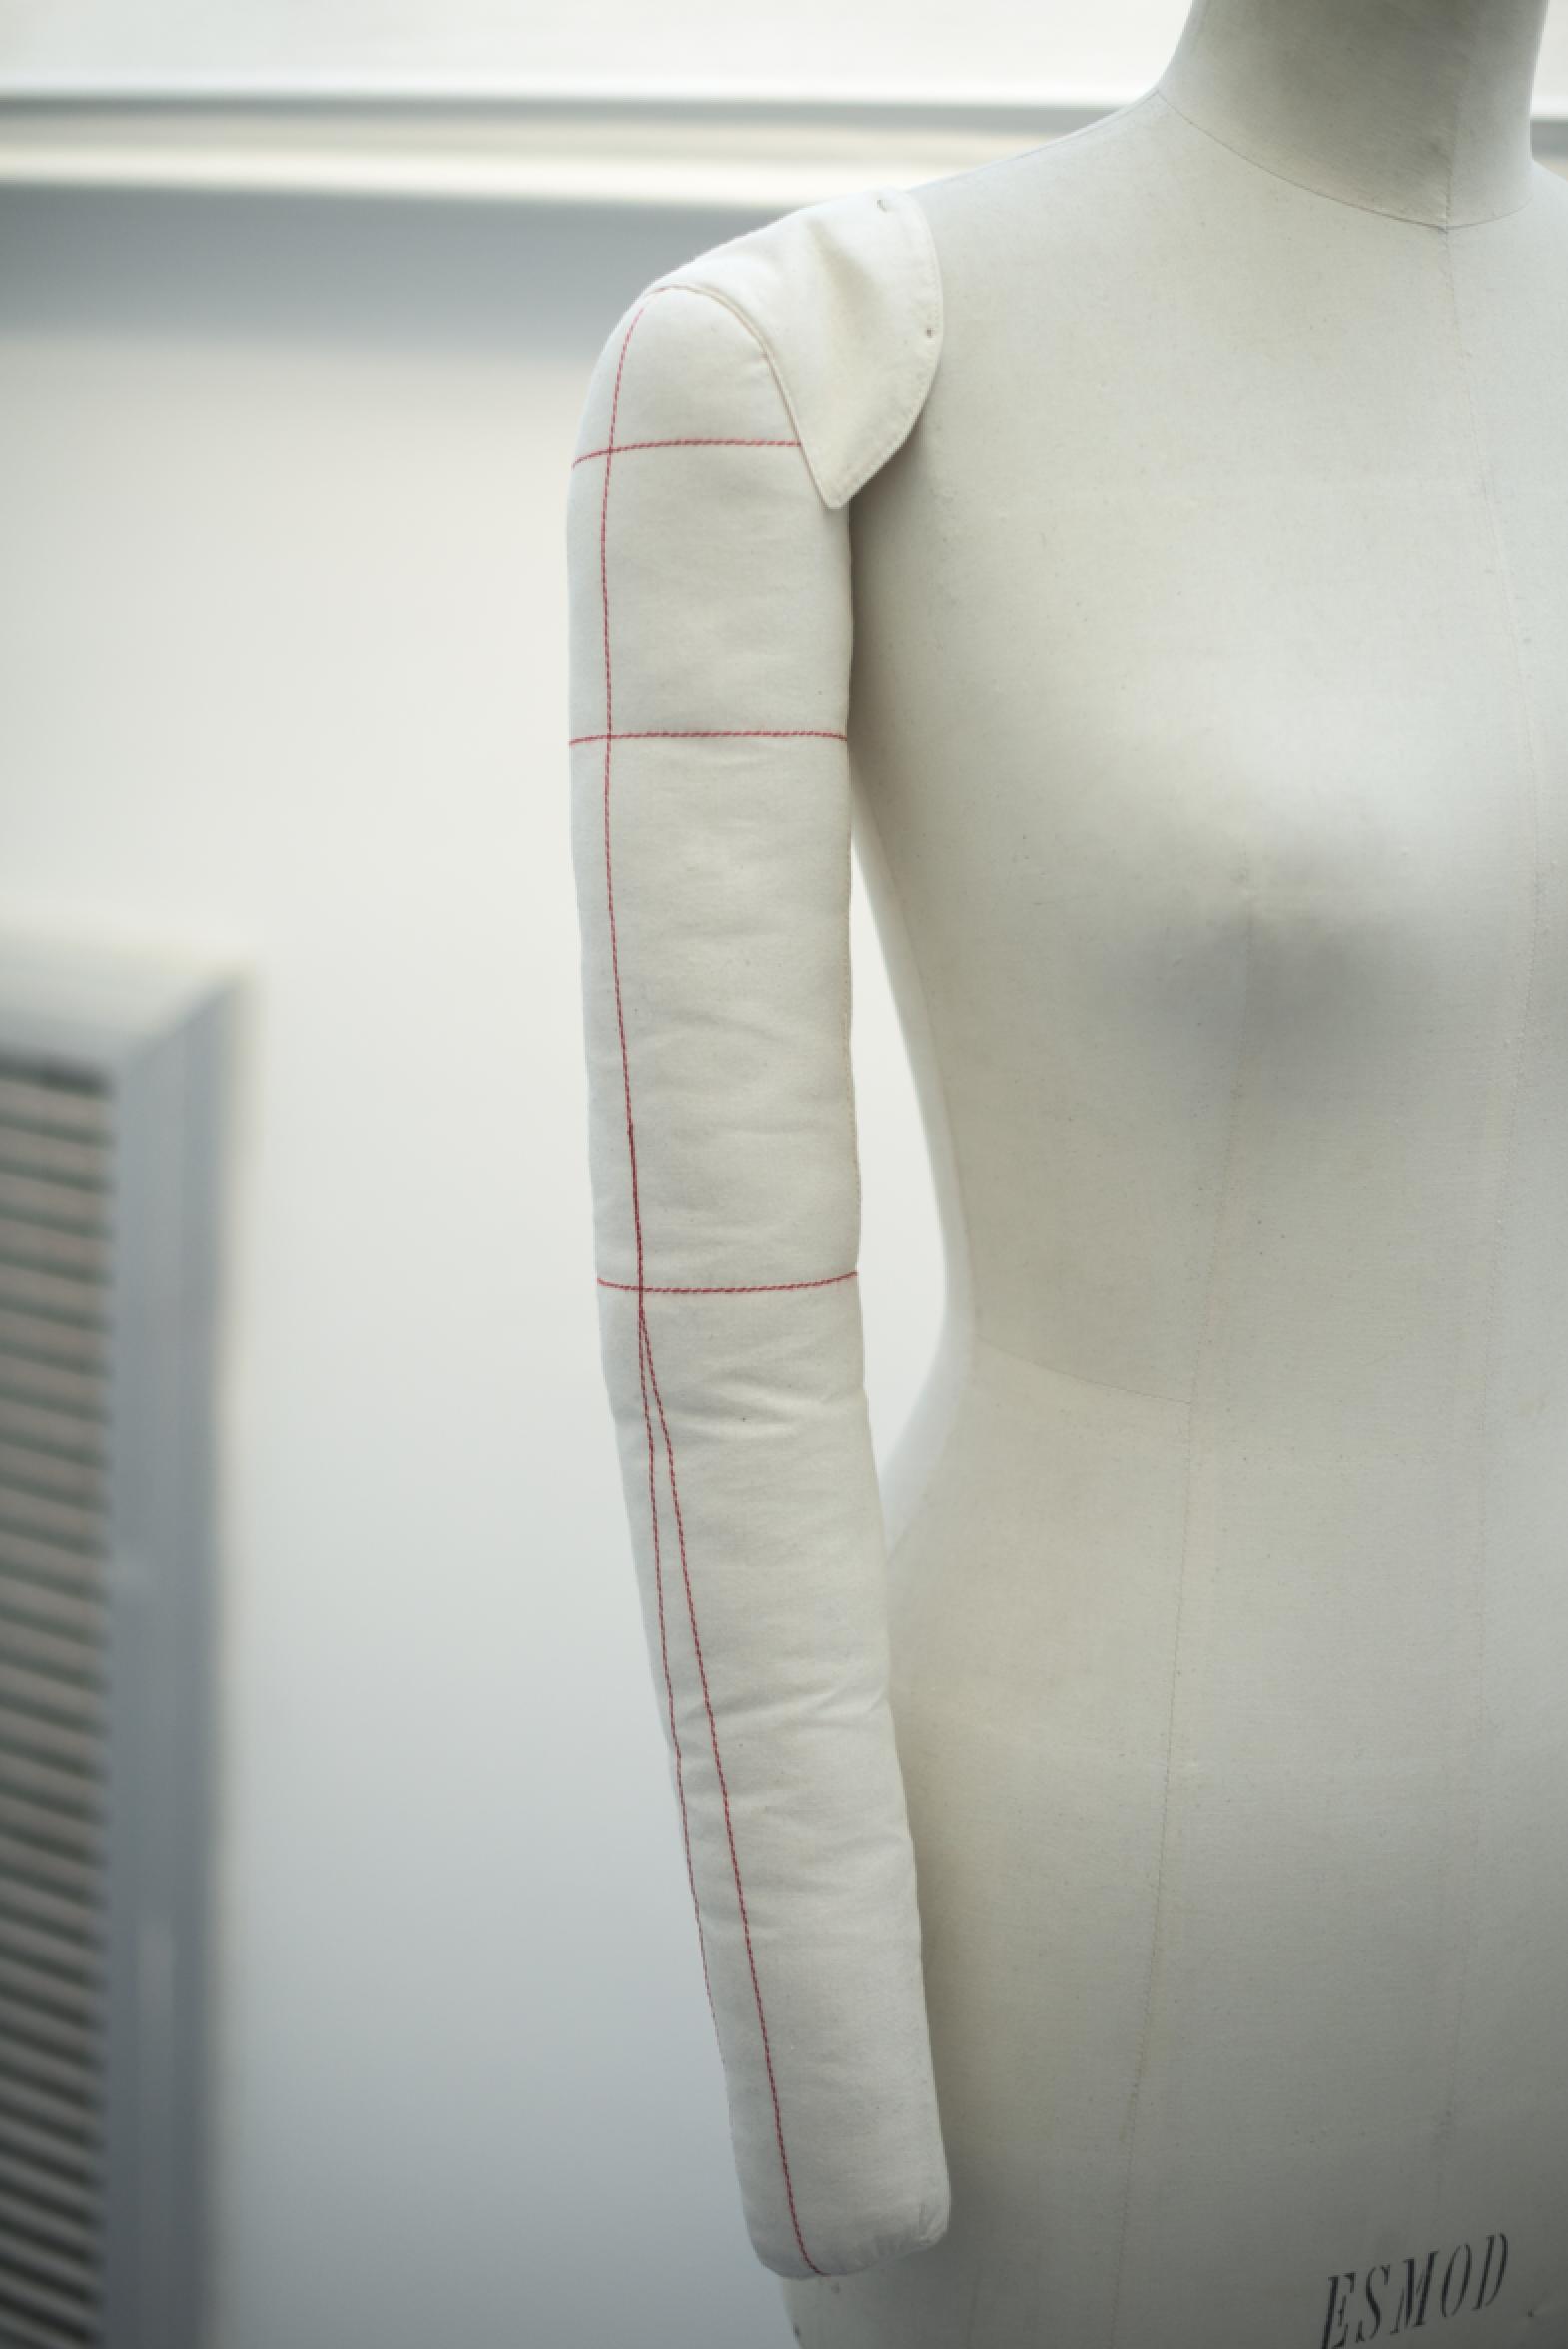 Bras de buste mannequin en kapock recouvert de toile écrue avec lignes de  construction. Épaulette ca4452d07187